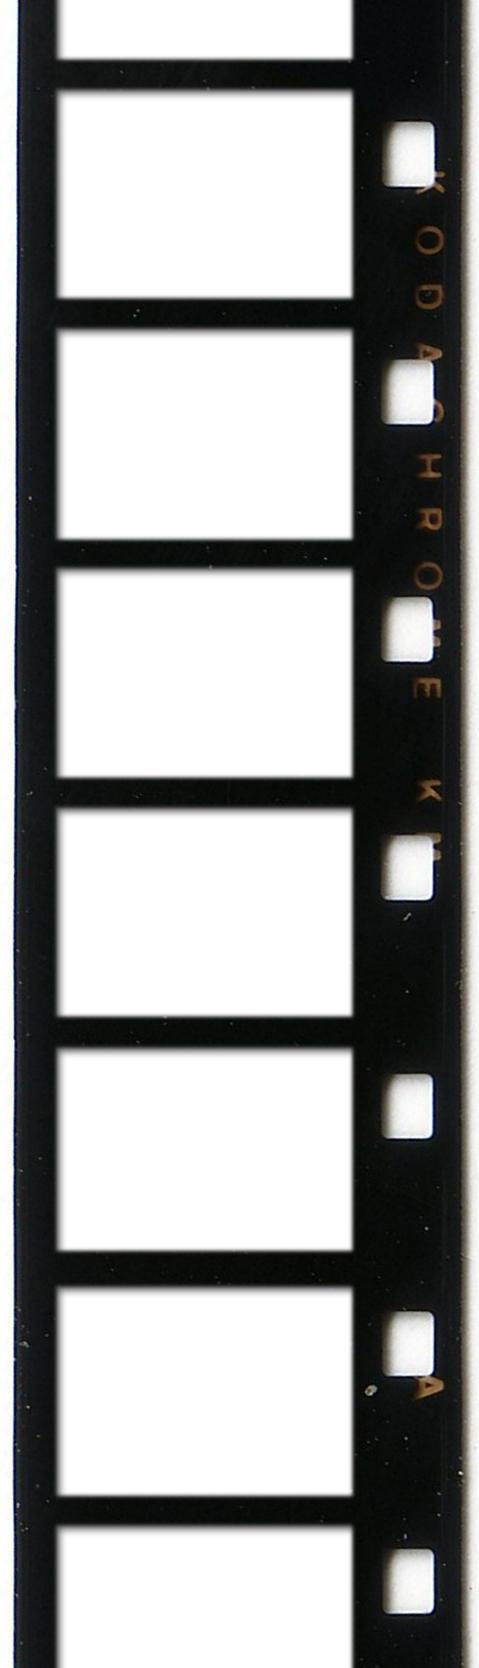 Kodachrome Super8 film texture by cherryvinyl